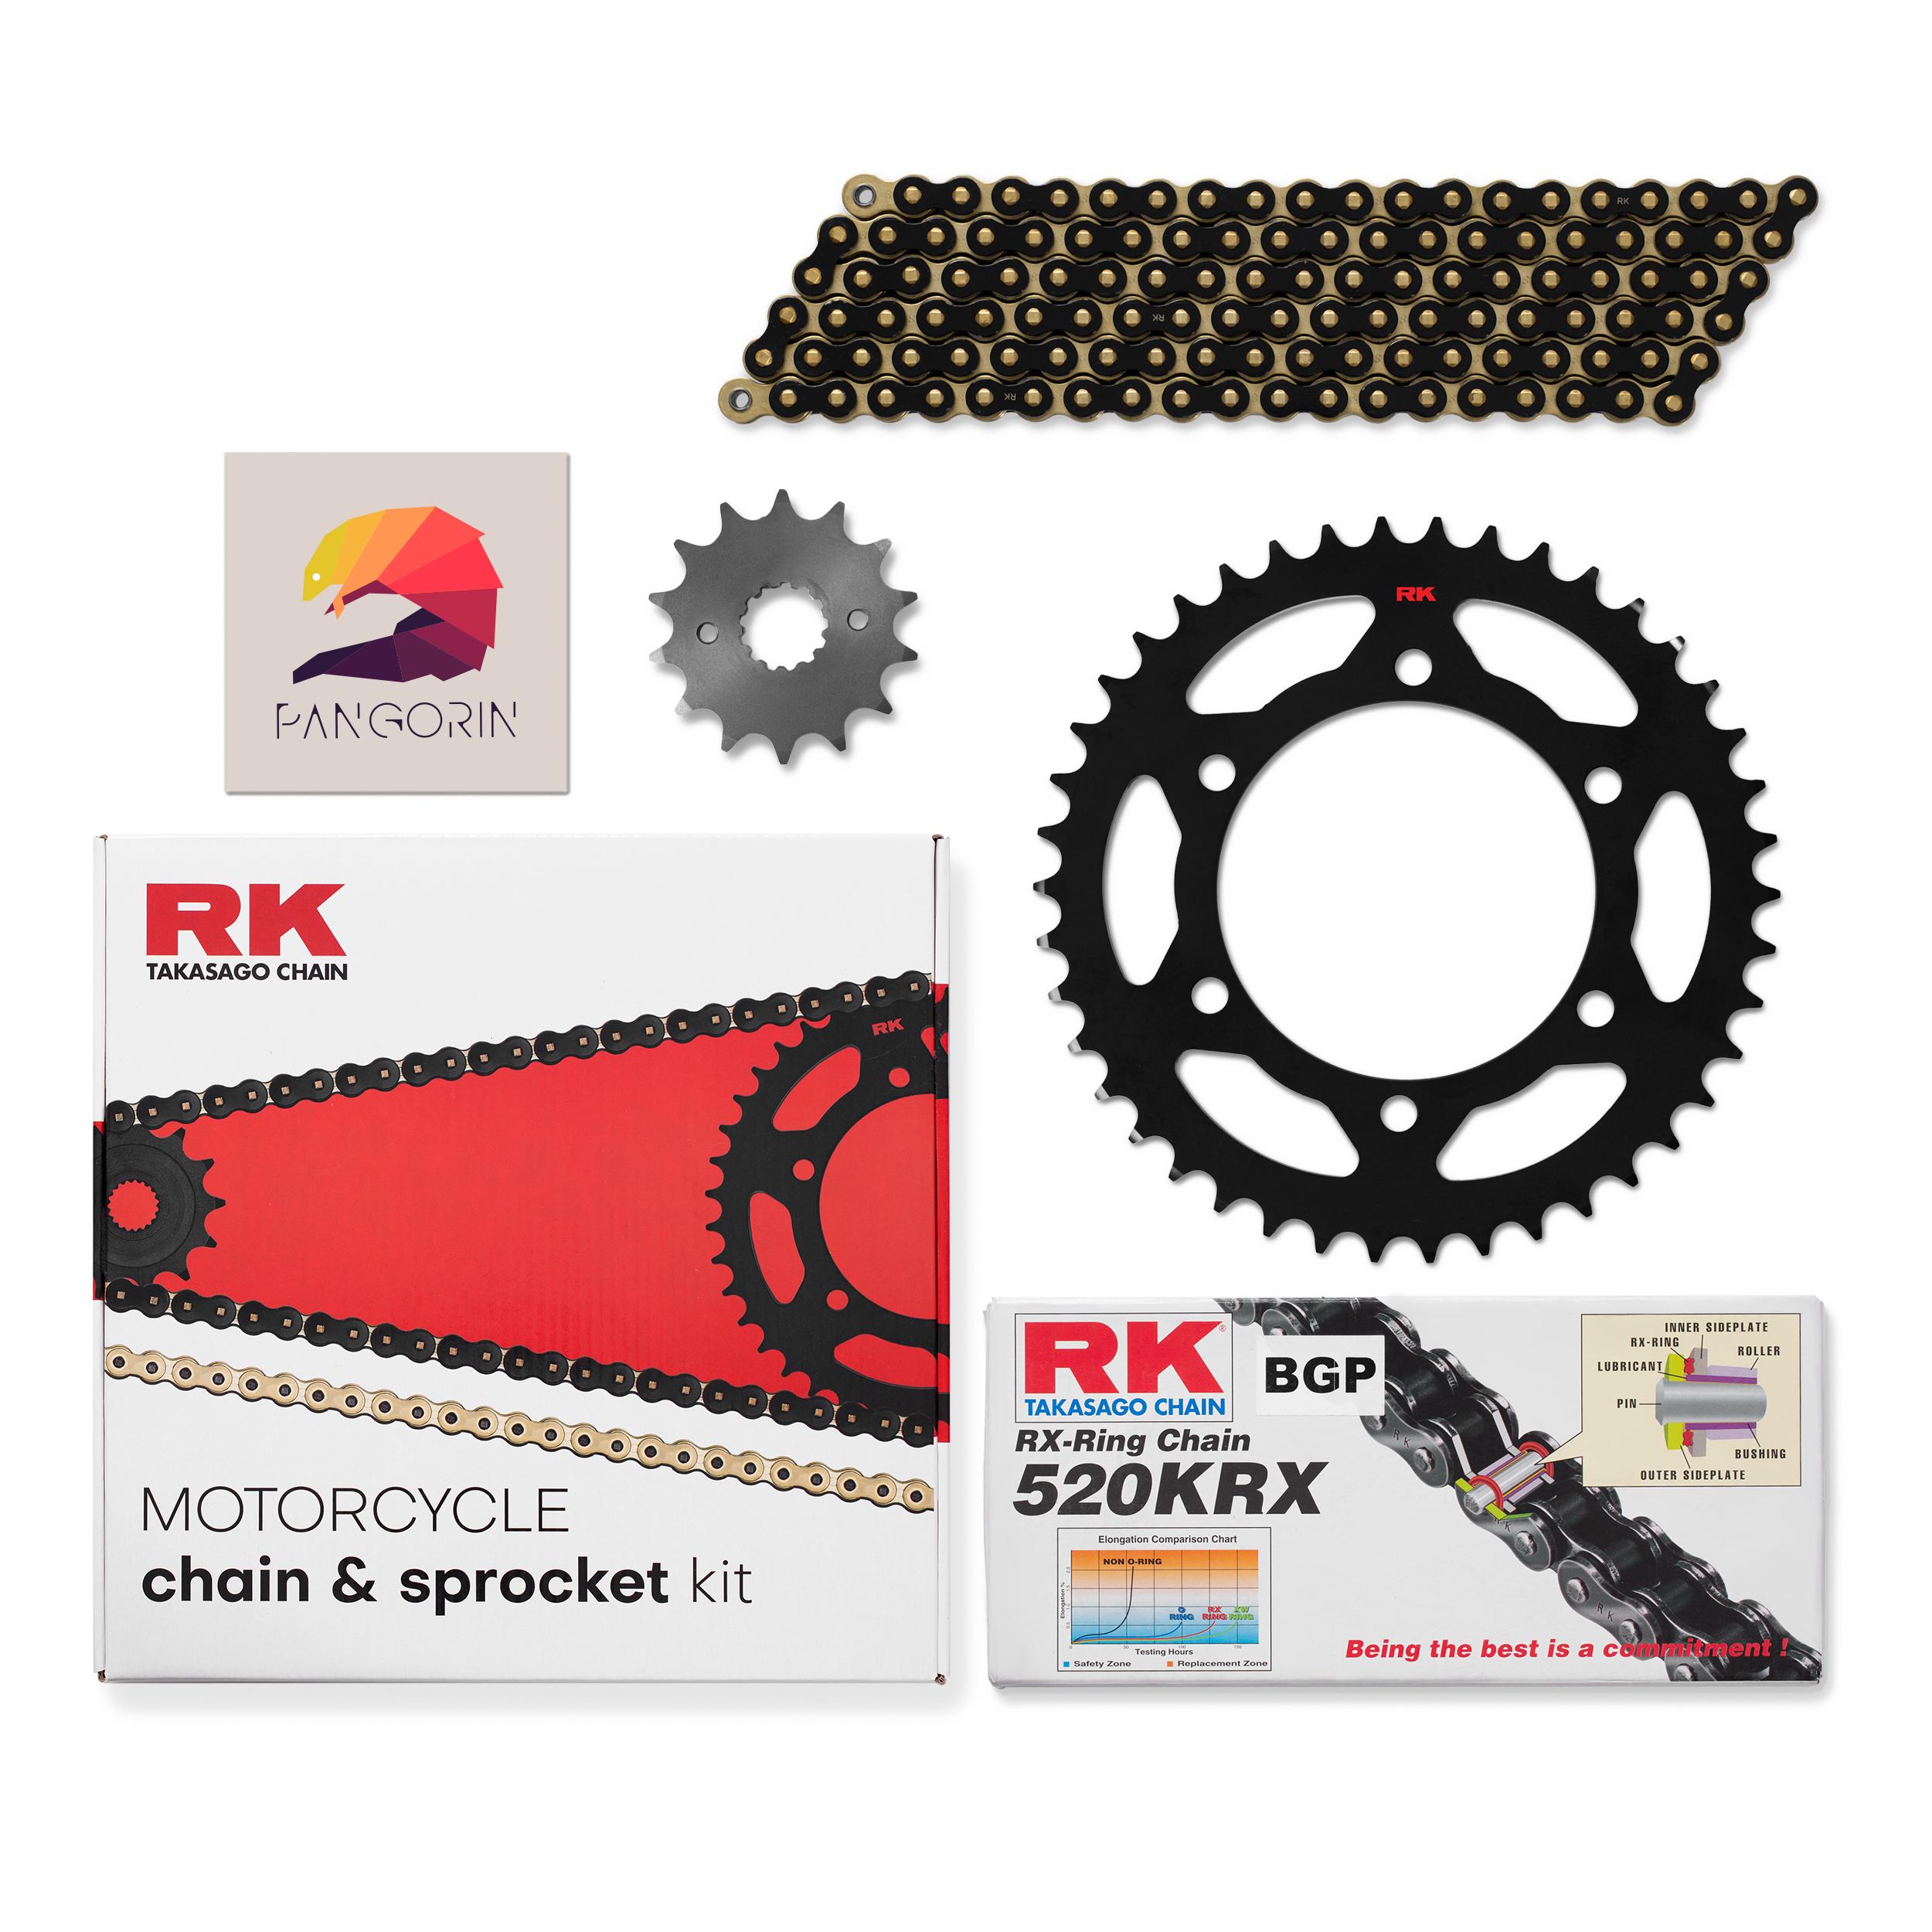 RK Chain - Nhông Sên Dĩa Kawasaki Z300 - Sên KRX X-ring Vàng Đen (Black/Gold)